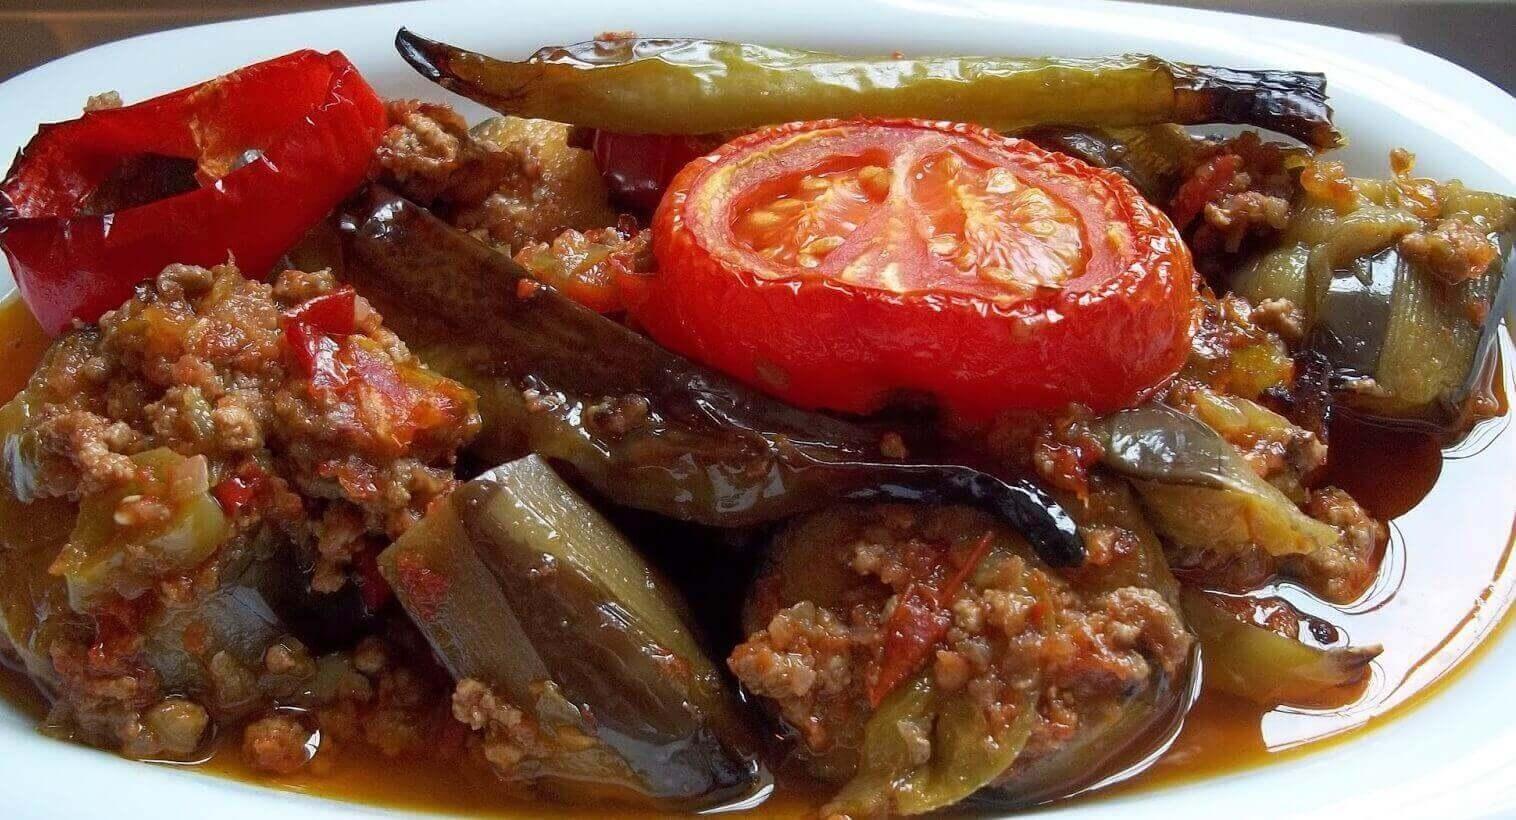 Auberginen Moussaka - Patlıcan Musakka